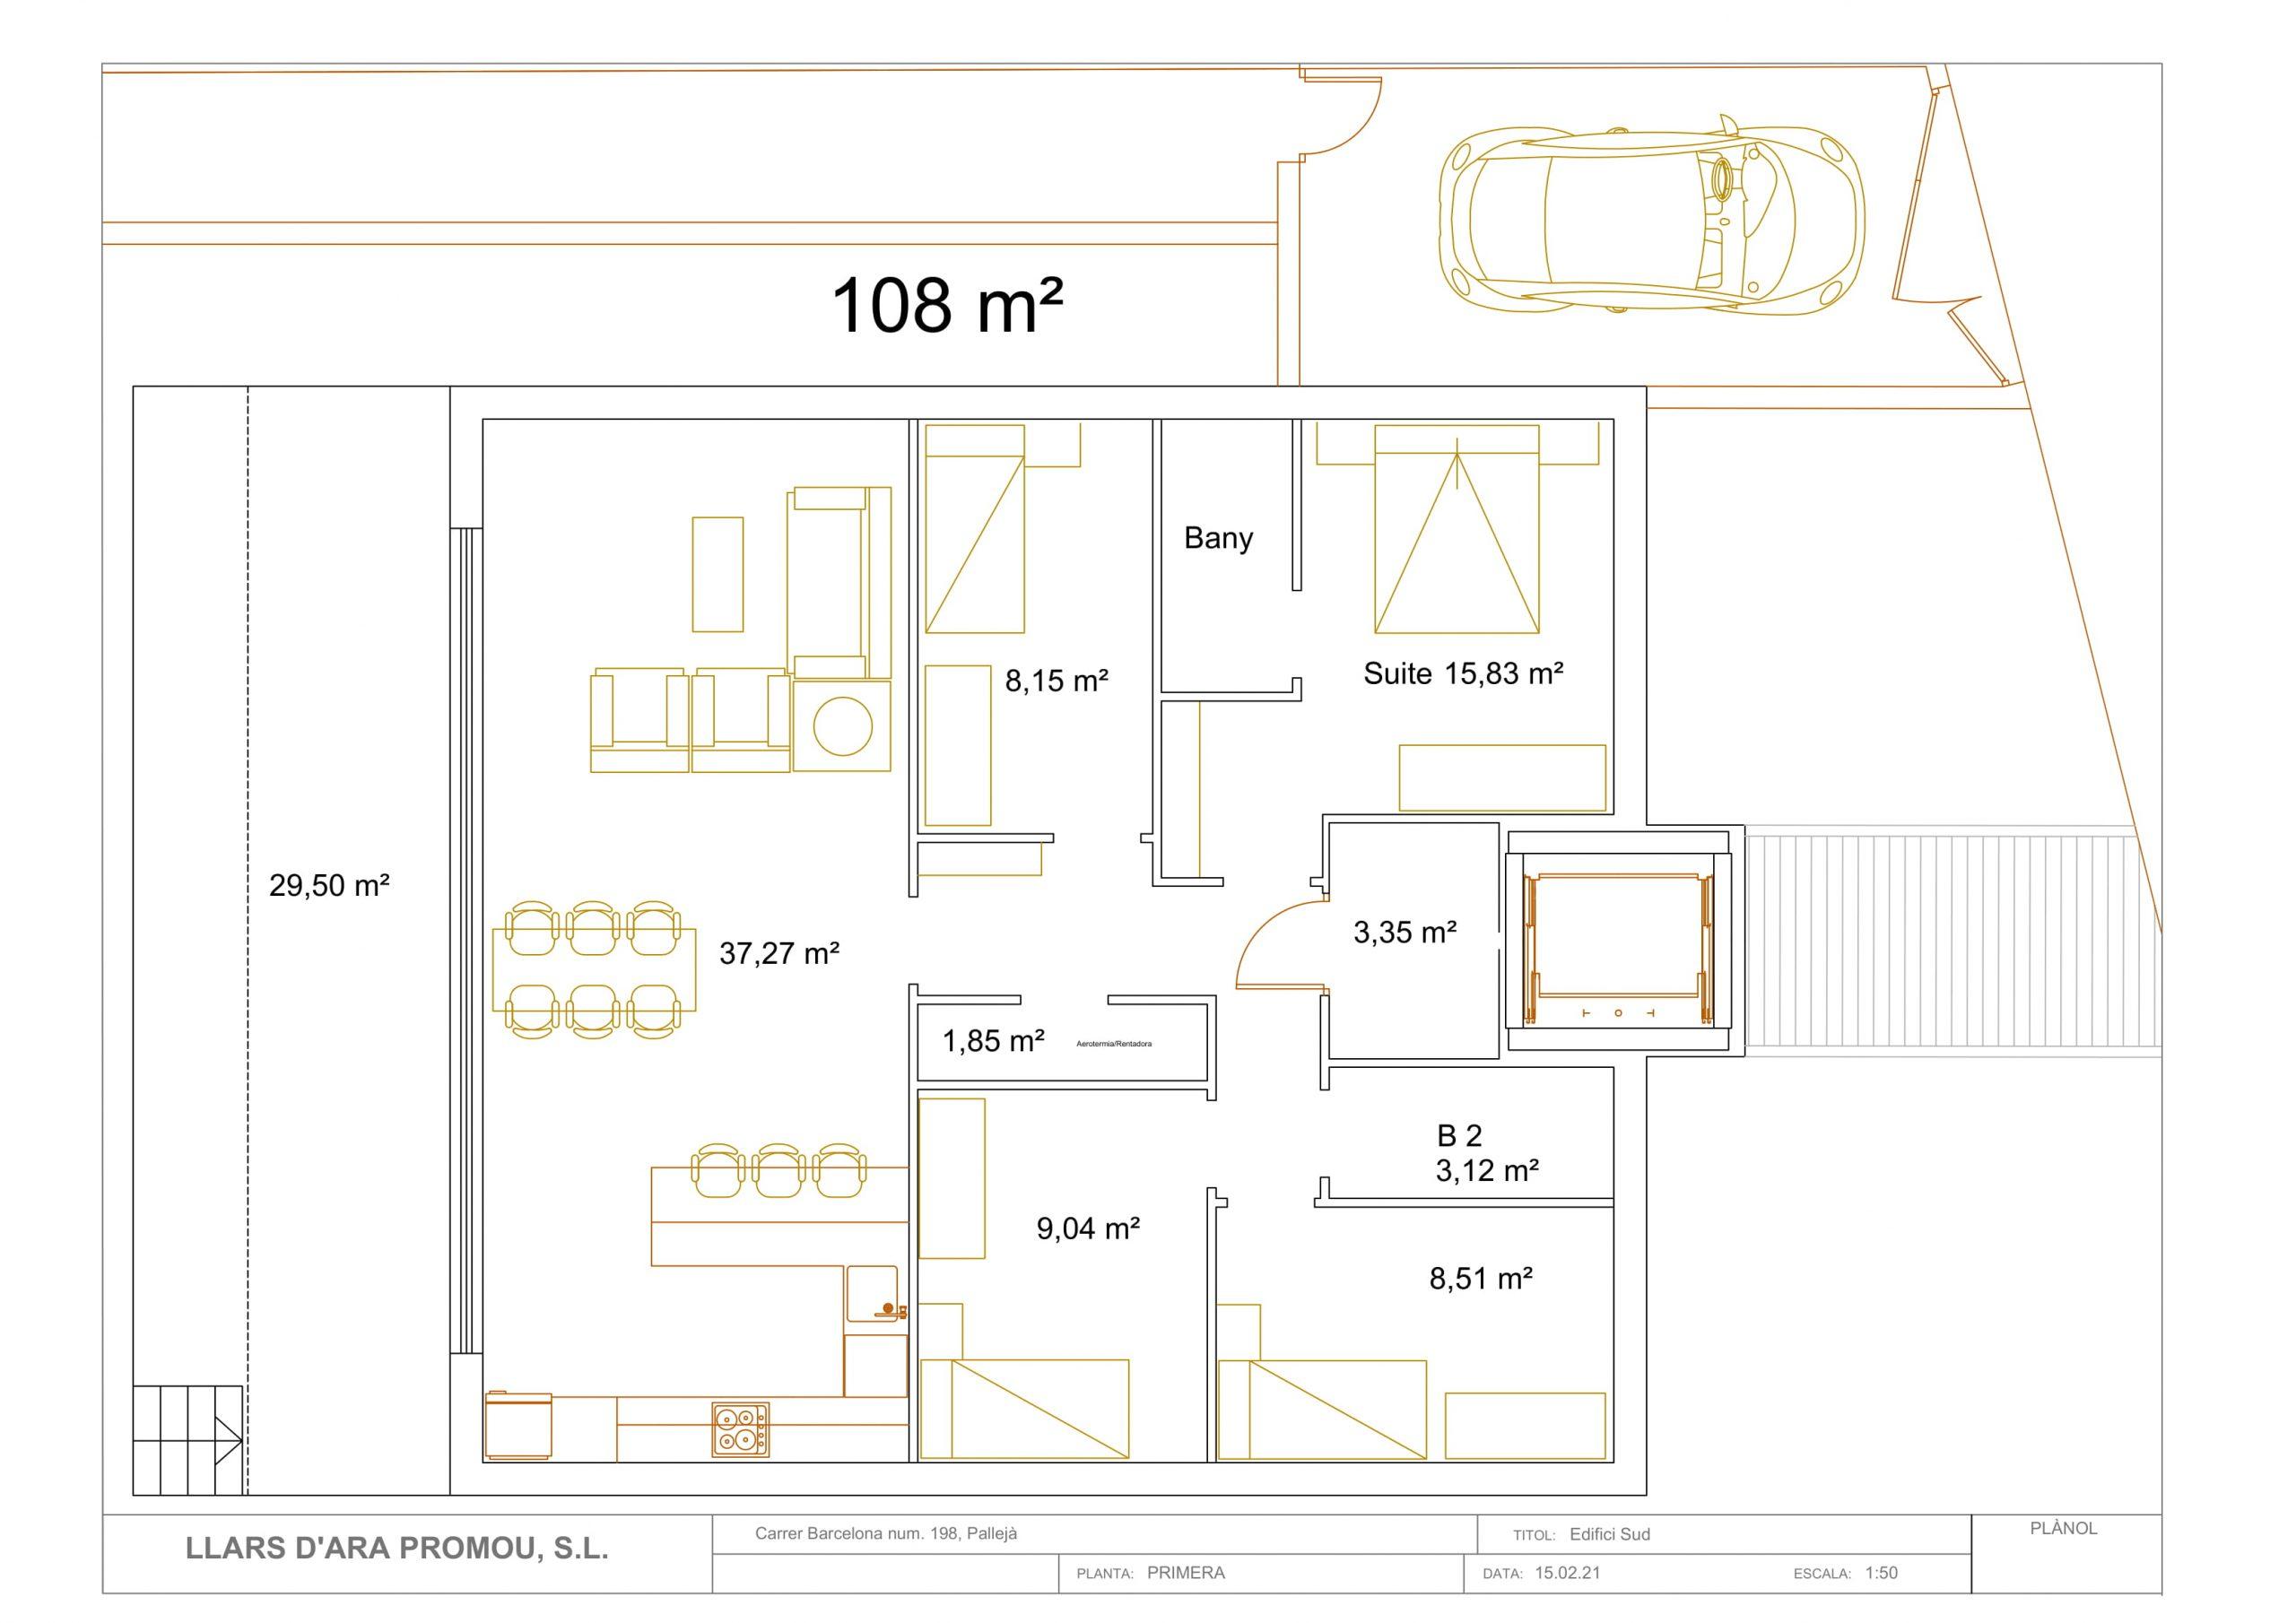 Palleja 335 Obra nueva planta 1 de 108 m2 en Palleja